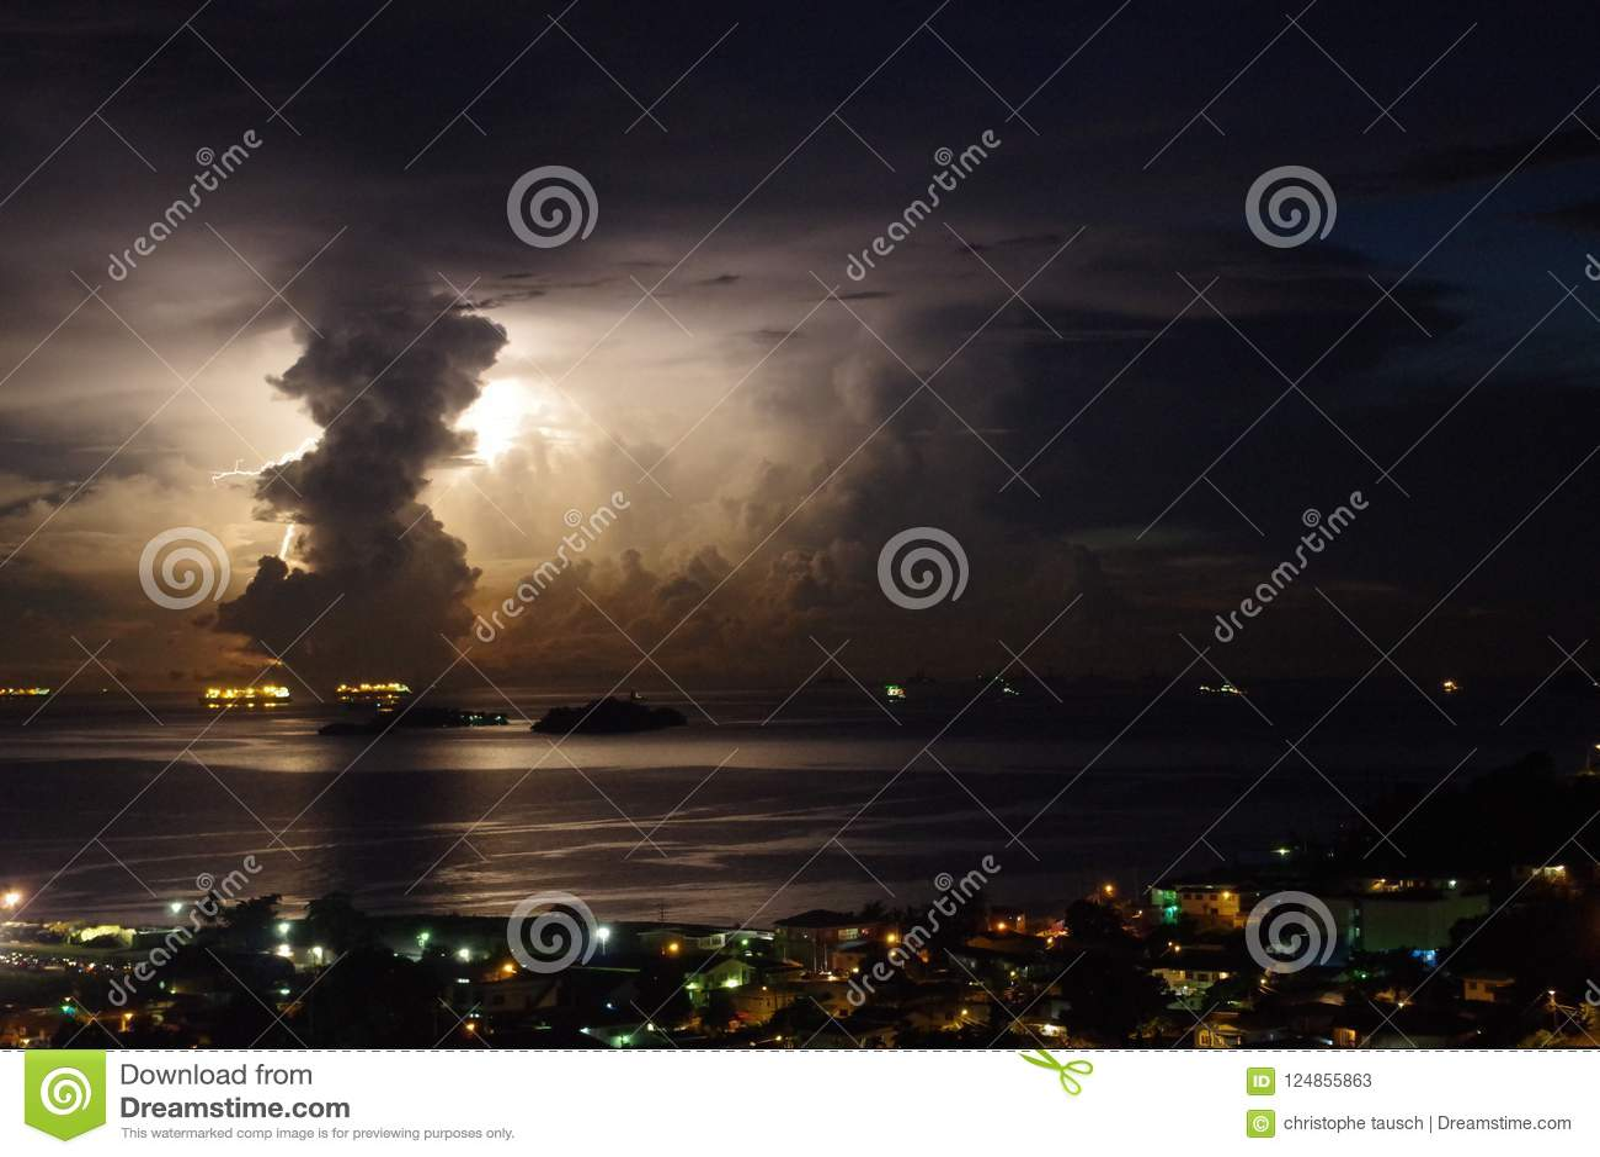 Tempesta impressionante con alleggerimento enorme dietro una nuvola verticale